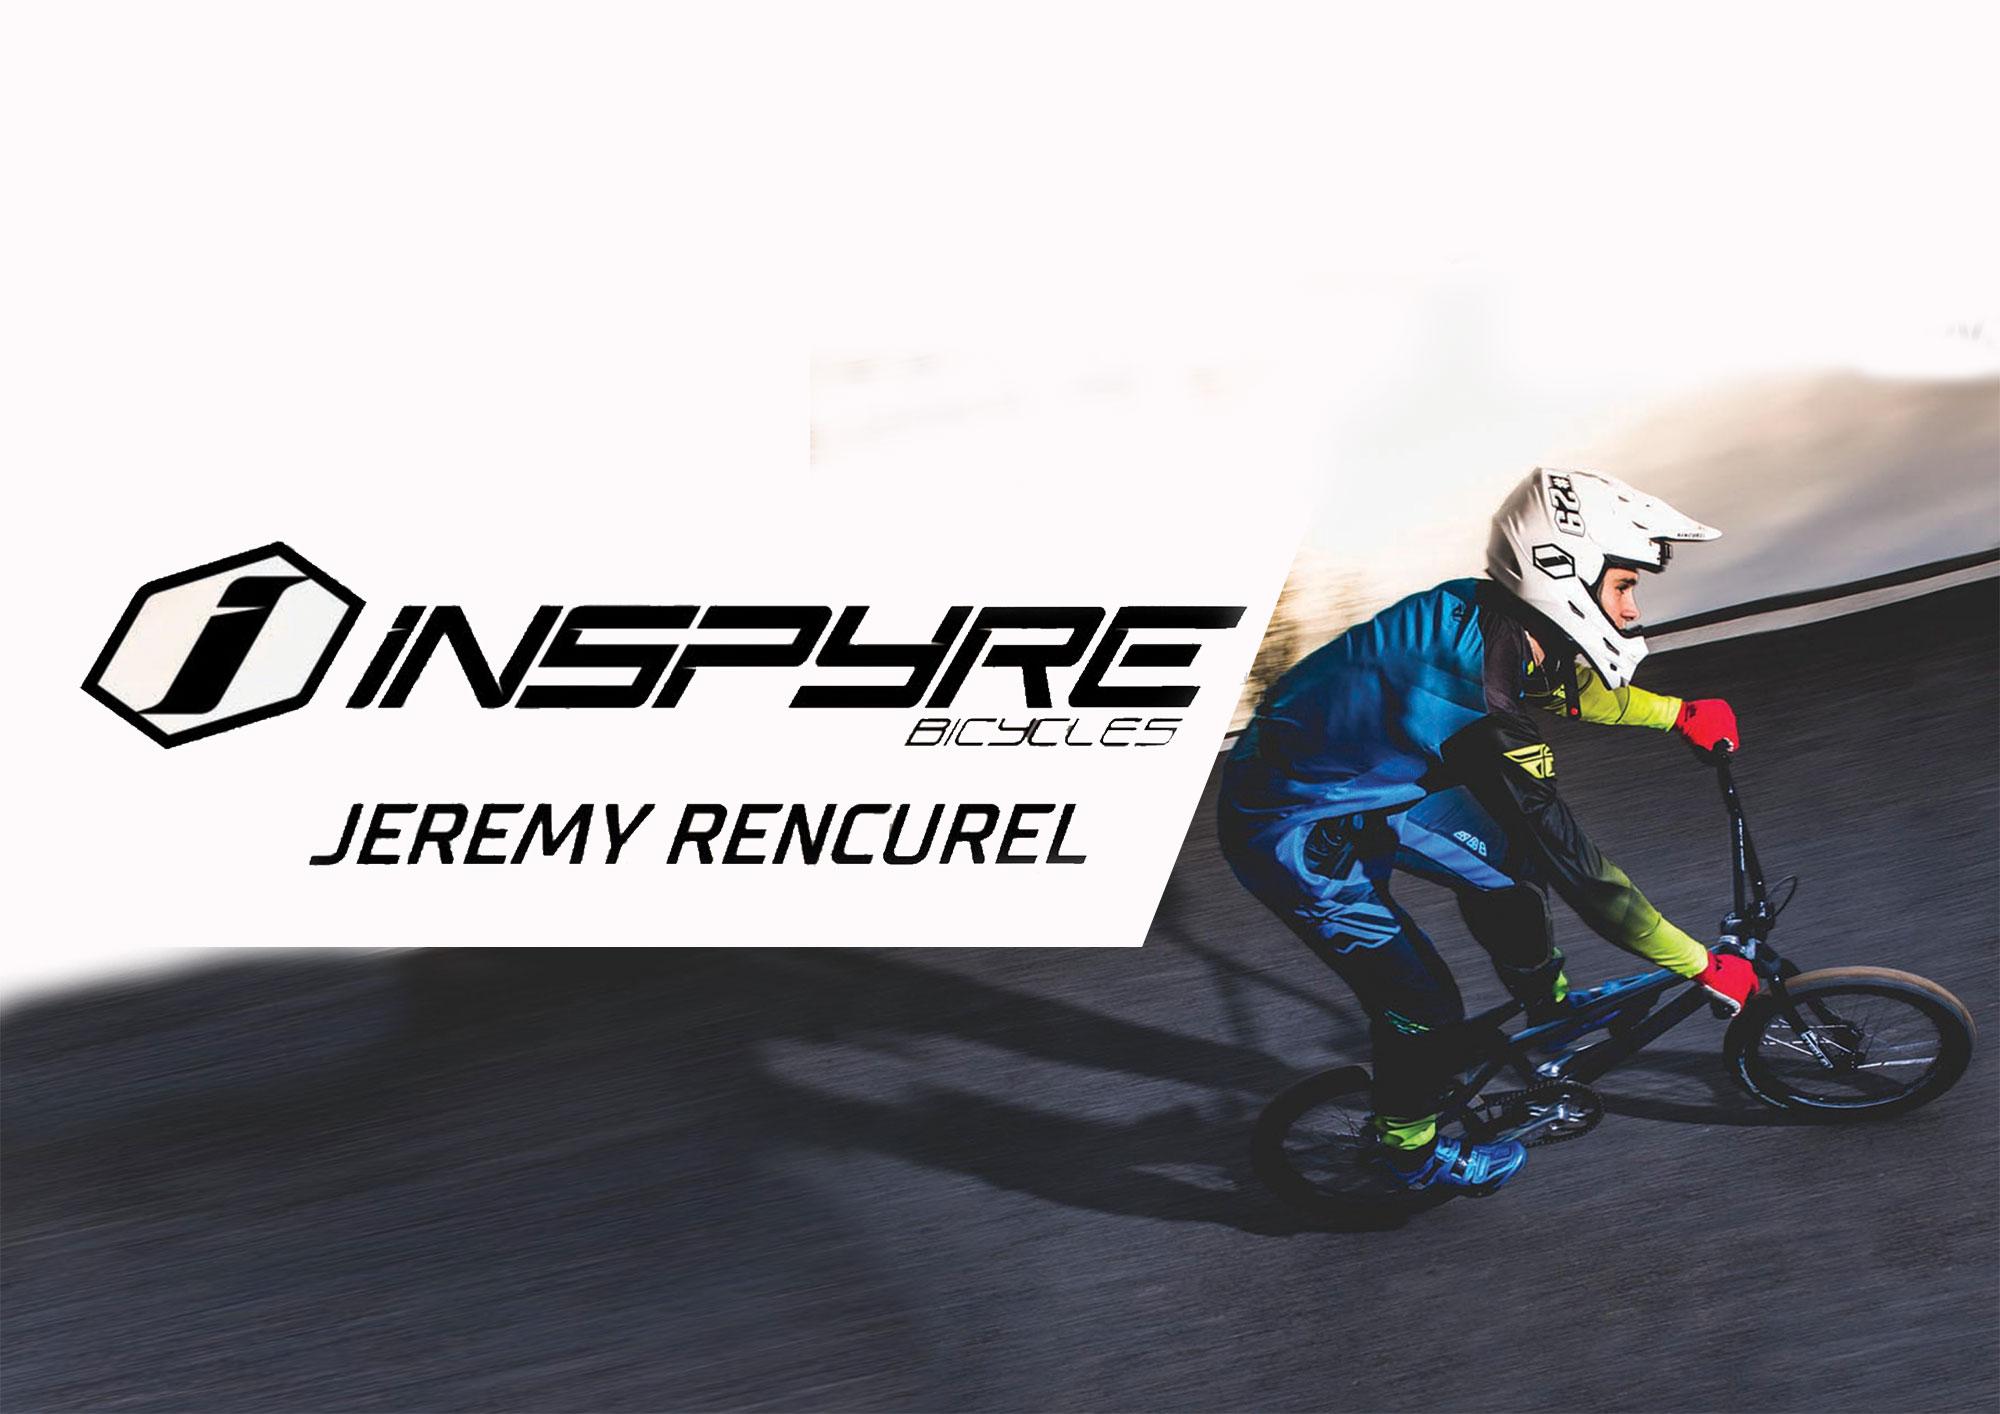 JEREMY RENCUREL REJOINT INSPYRE !